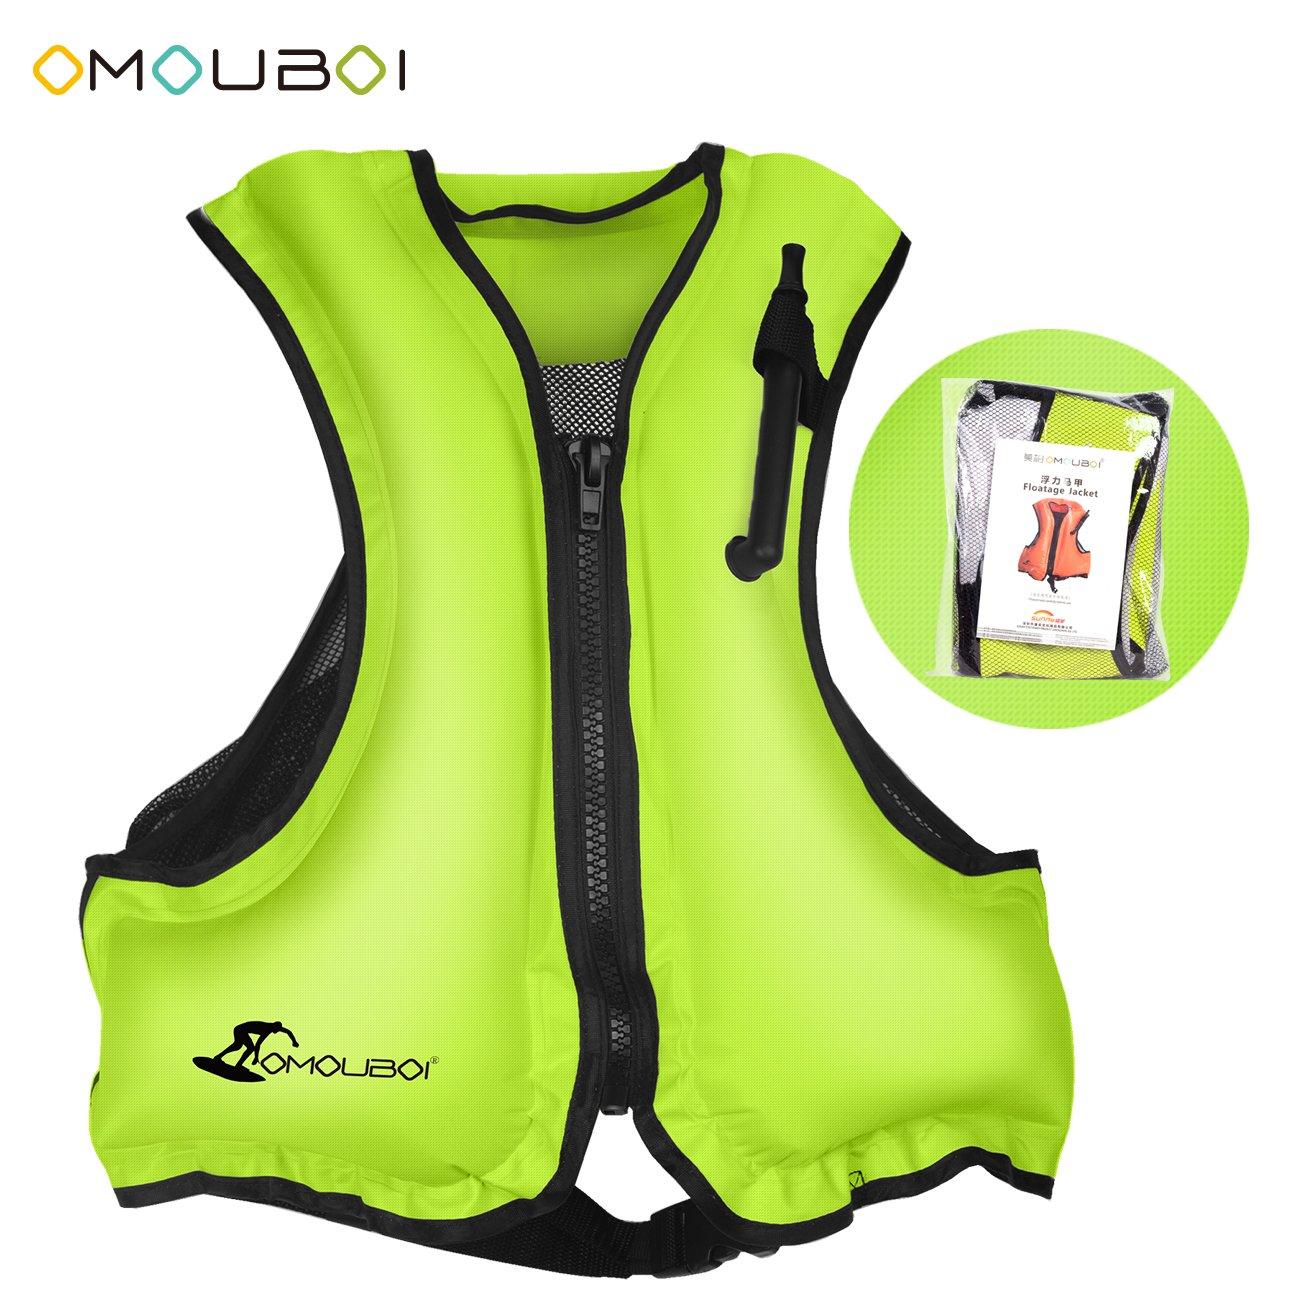 OMOUBOI シュノーケルベスト インフレータブル ライフ 水泳ベスト シュノーケリング用   B07FLCHTD6